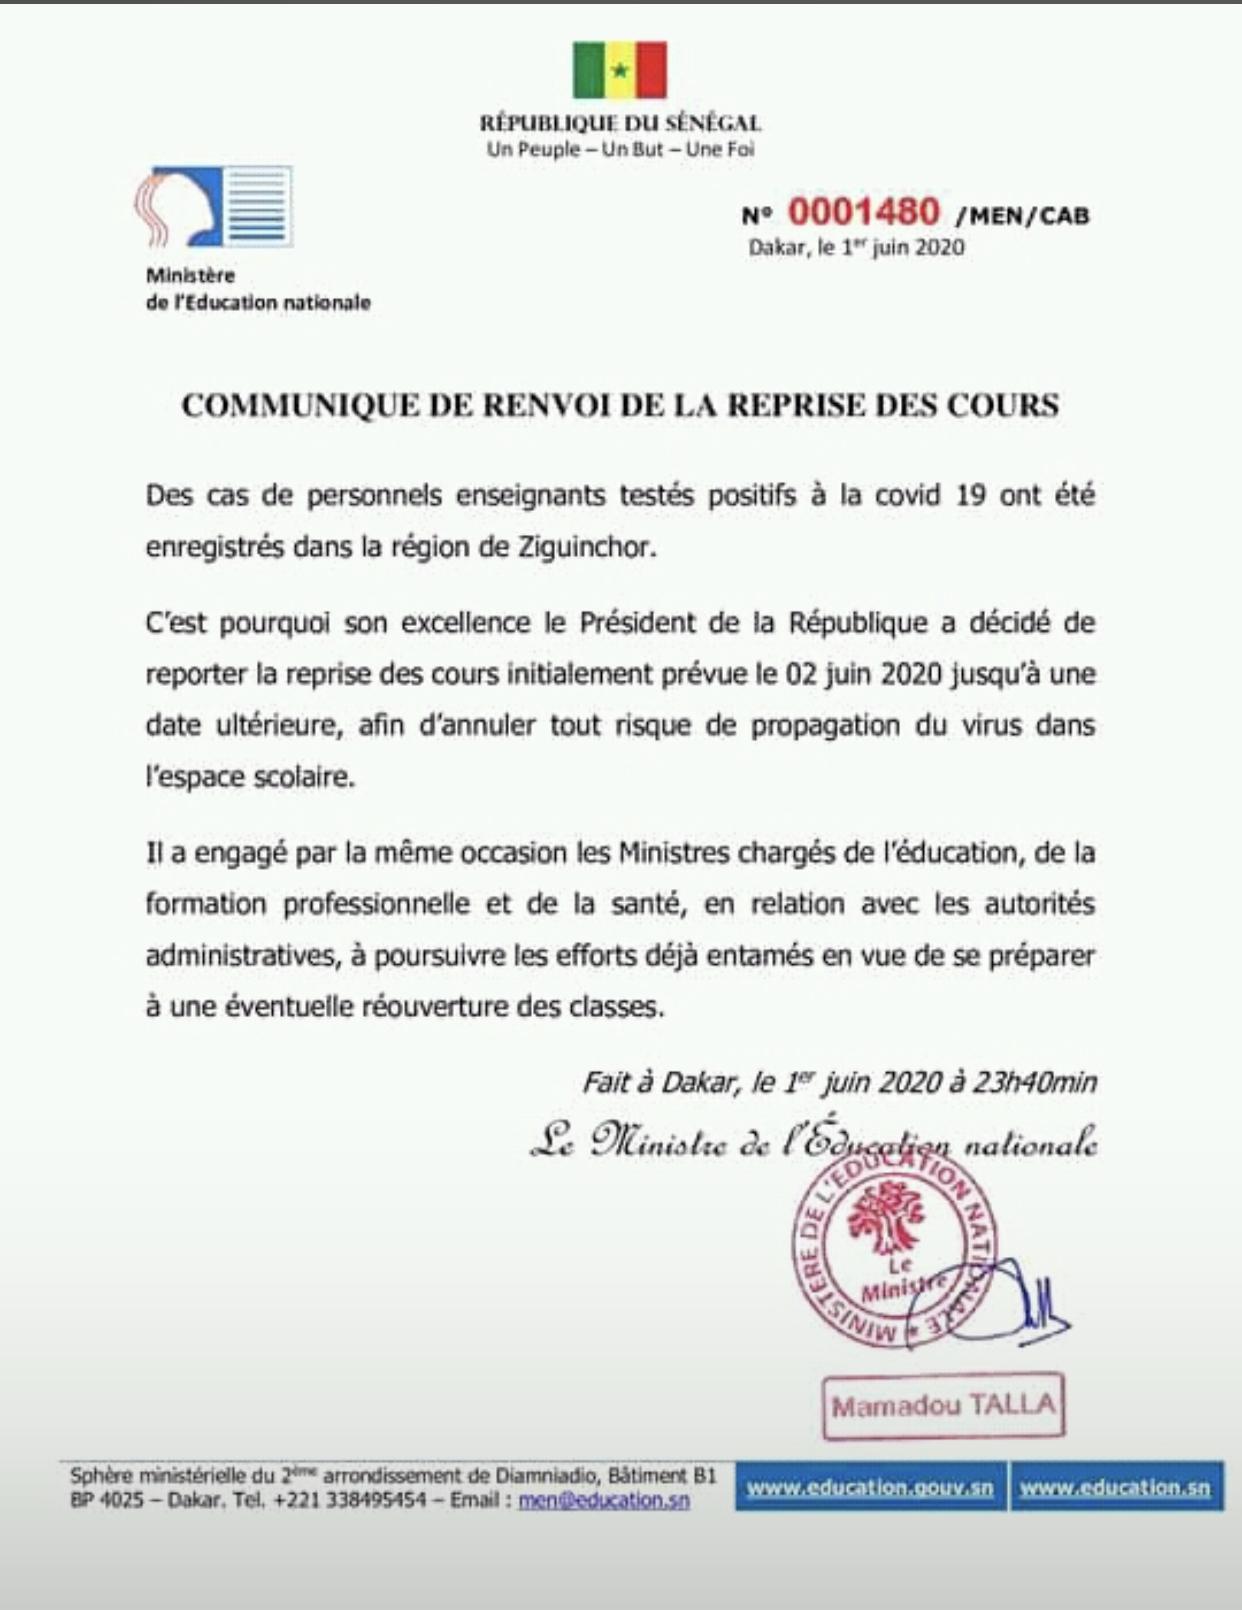 COVID-19 / SÉNÉGAL : Report de la reprise des cours initialement prévue demain mardi 2 Juin 2020.